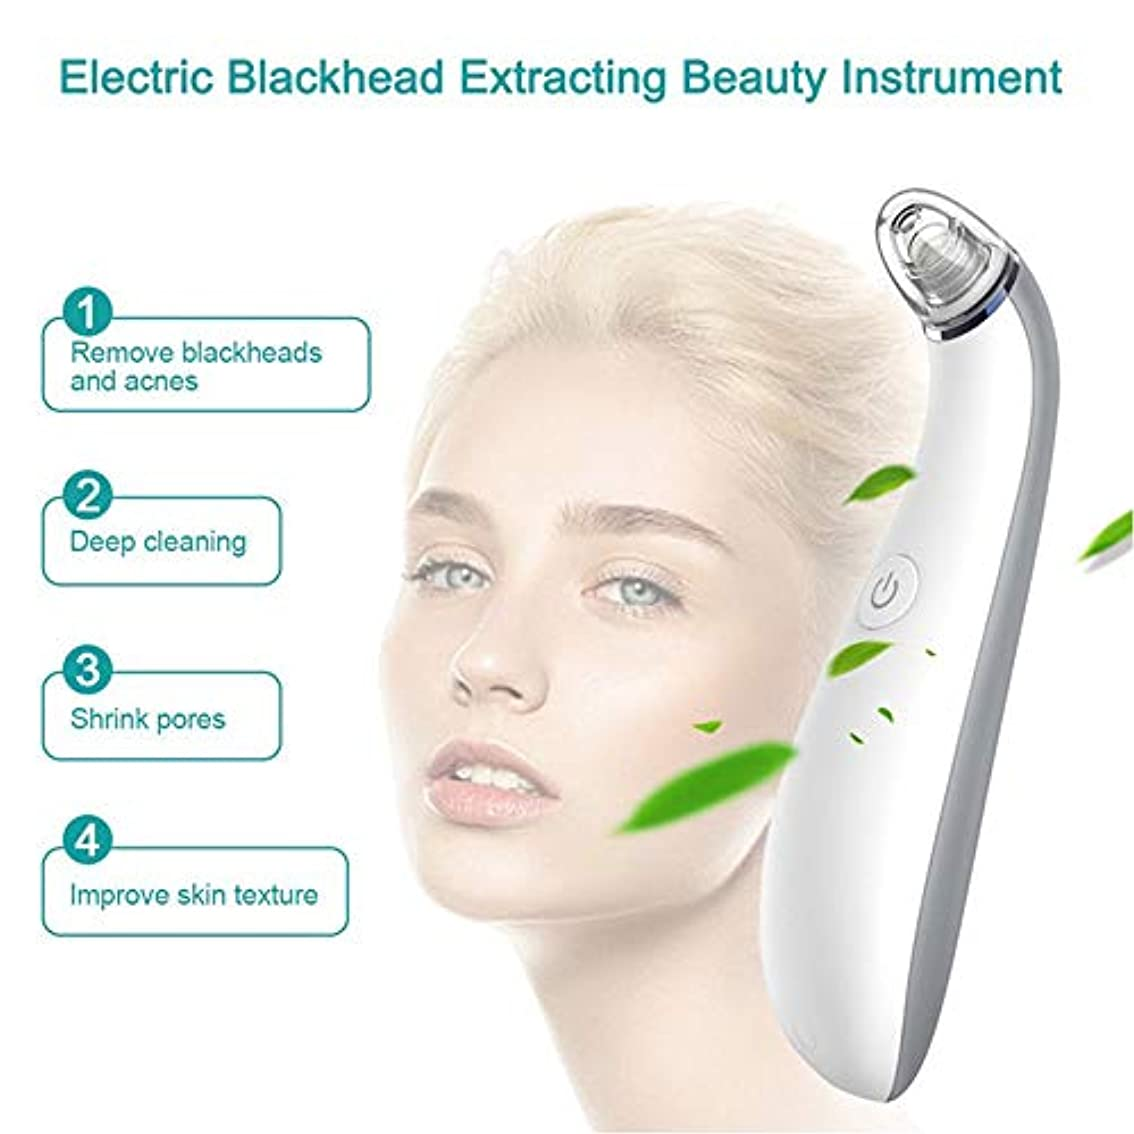 危険にさらされている楽しいインフレーション気孔の真空の深くきれいな、皮膚健康のための電気顔の安定した吸引のスキンケア用具4取り替え可能な吸引の頭部USB再充電可能